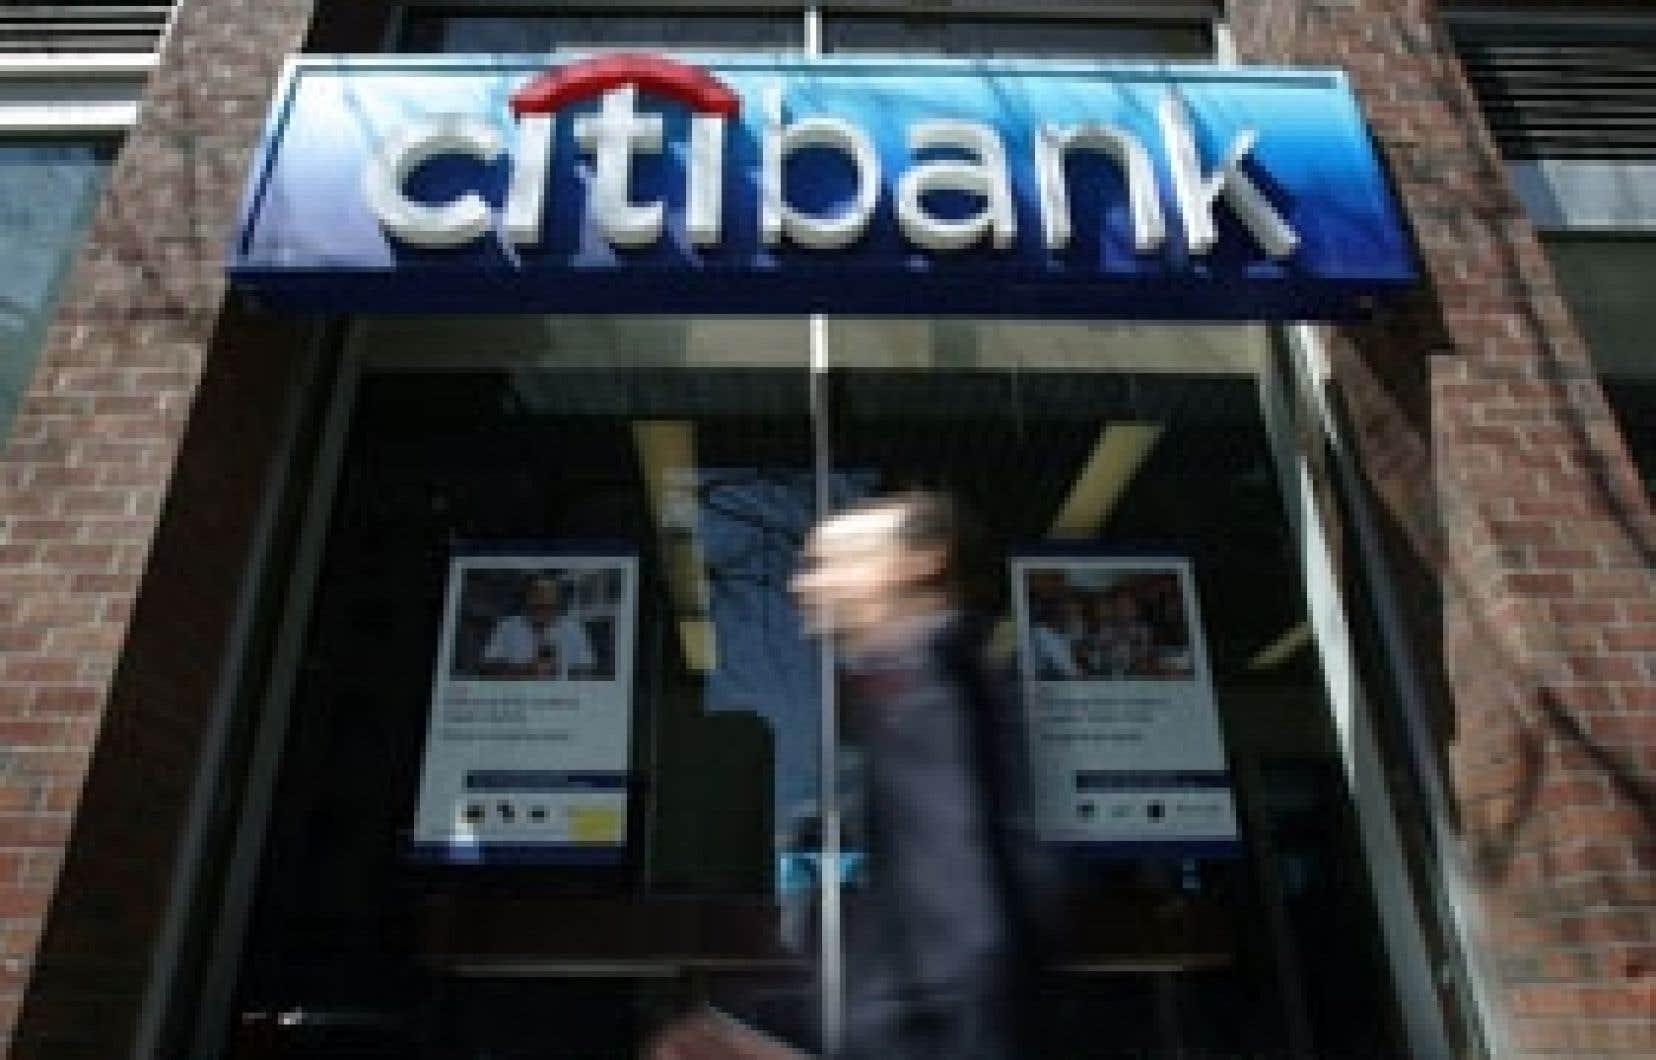 Les divisions services bancaires aux particuliers et banque d'investissement de Citigroup devraient être les plus touchées par la réorganisation.